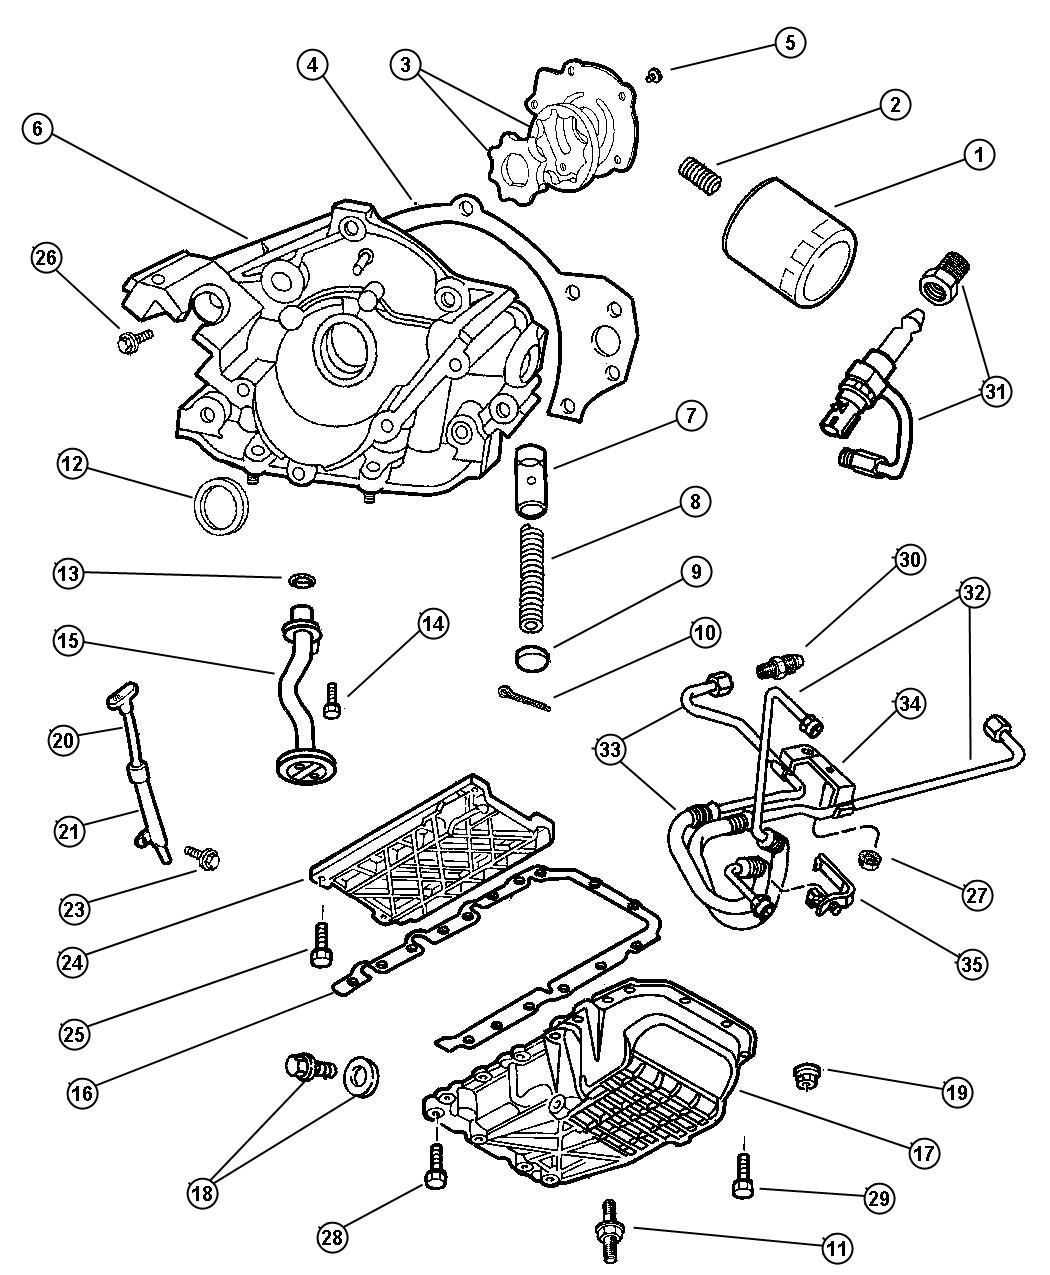 2001 dodge intrepid engine oiling 3 2l engine. Black Bedroom Furniture Sets. Home Design Ideas